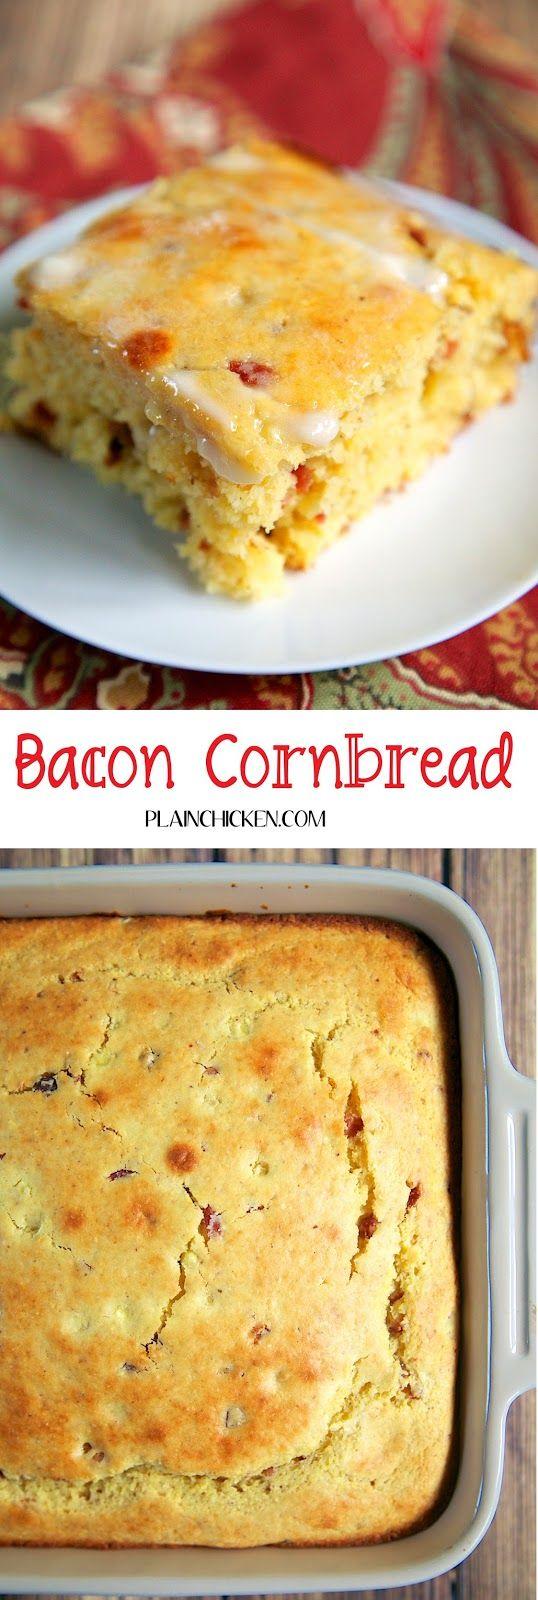 Bacon Cornbread | Bacon recipes, Homemade and Bacon